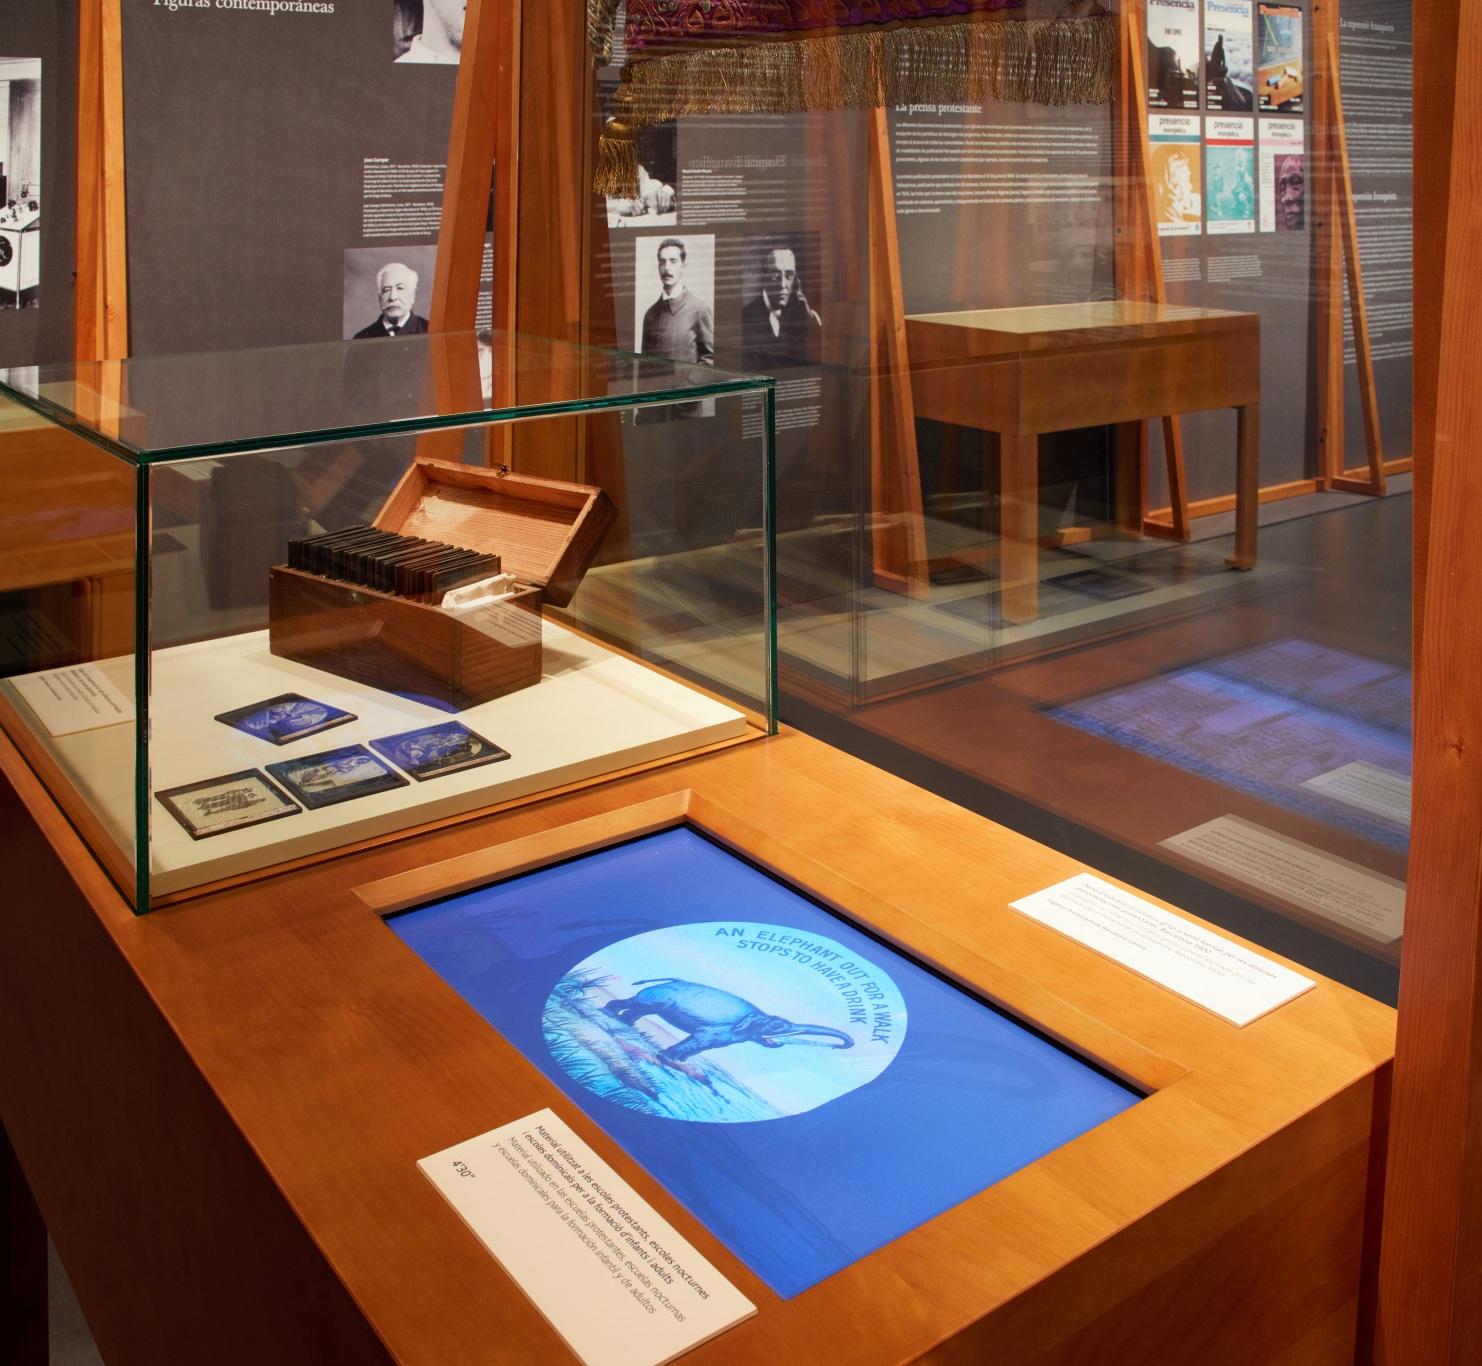 Exposición protestantes Caixaforum. Vitrinas y paneles de madera, proyección audiovisual y armónium. Vitrina con diapositivas y audiovisual integrado. De fondo, paneles y vitrinas.